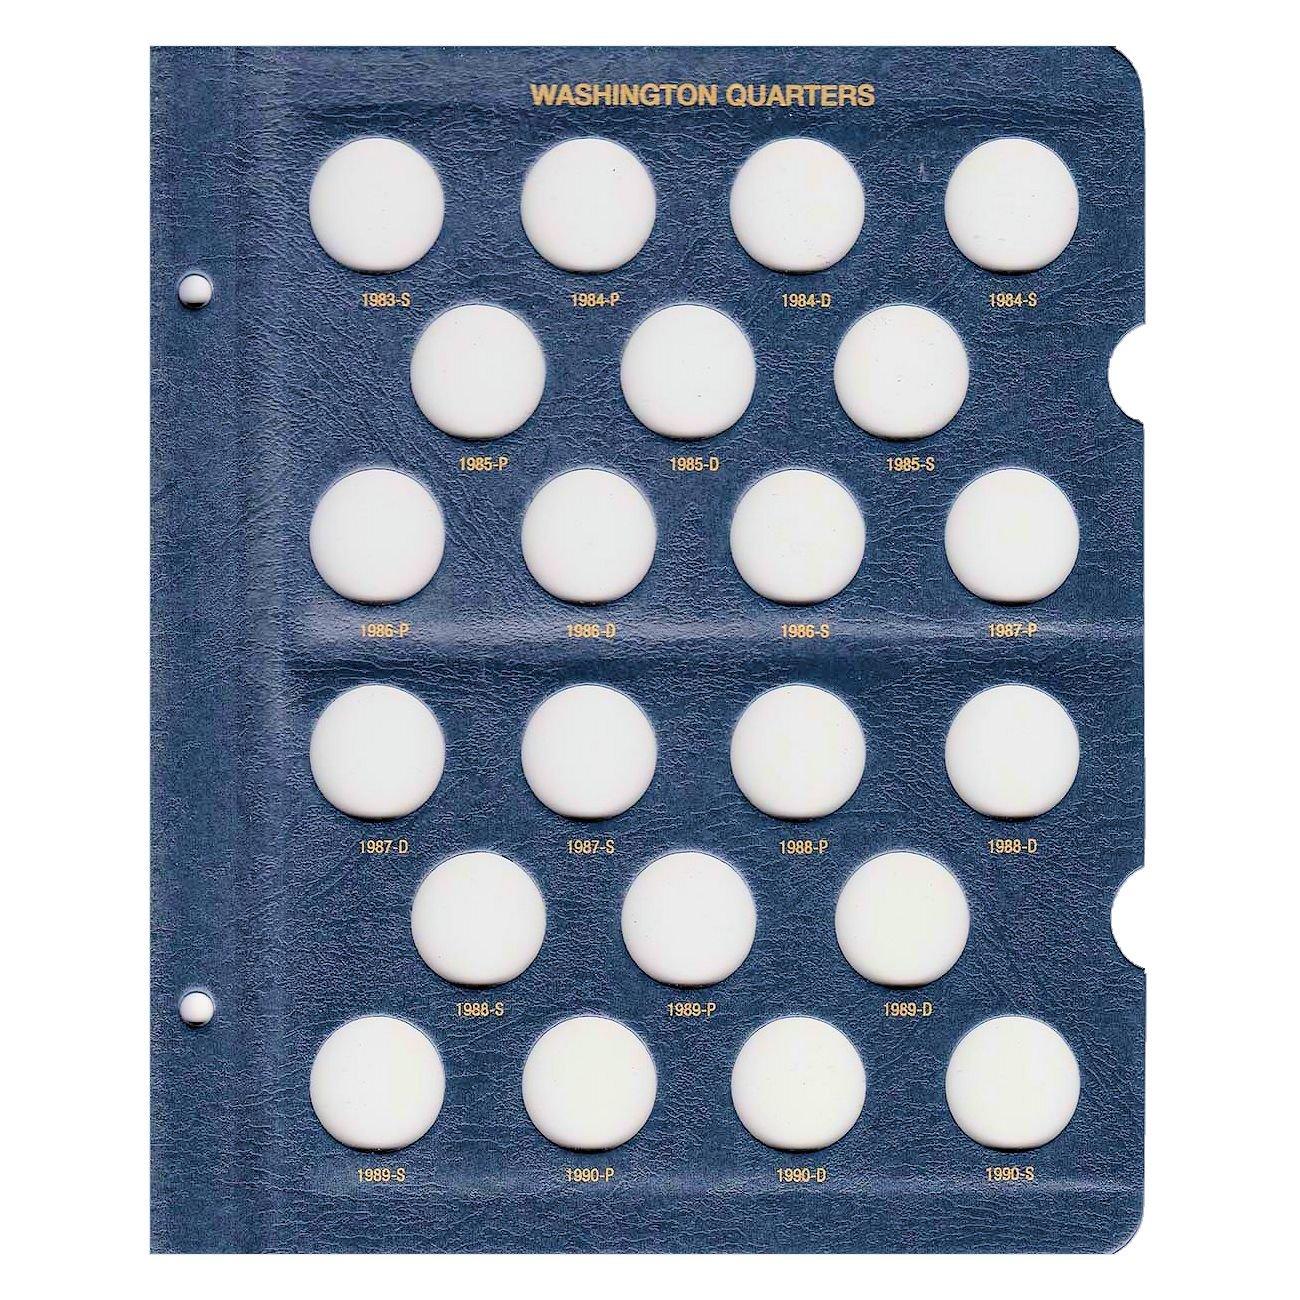 Whitman US Washington Quarter Coin Album 1932 - 1990 #9122